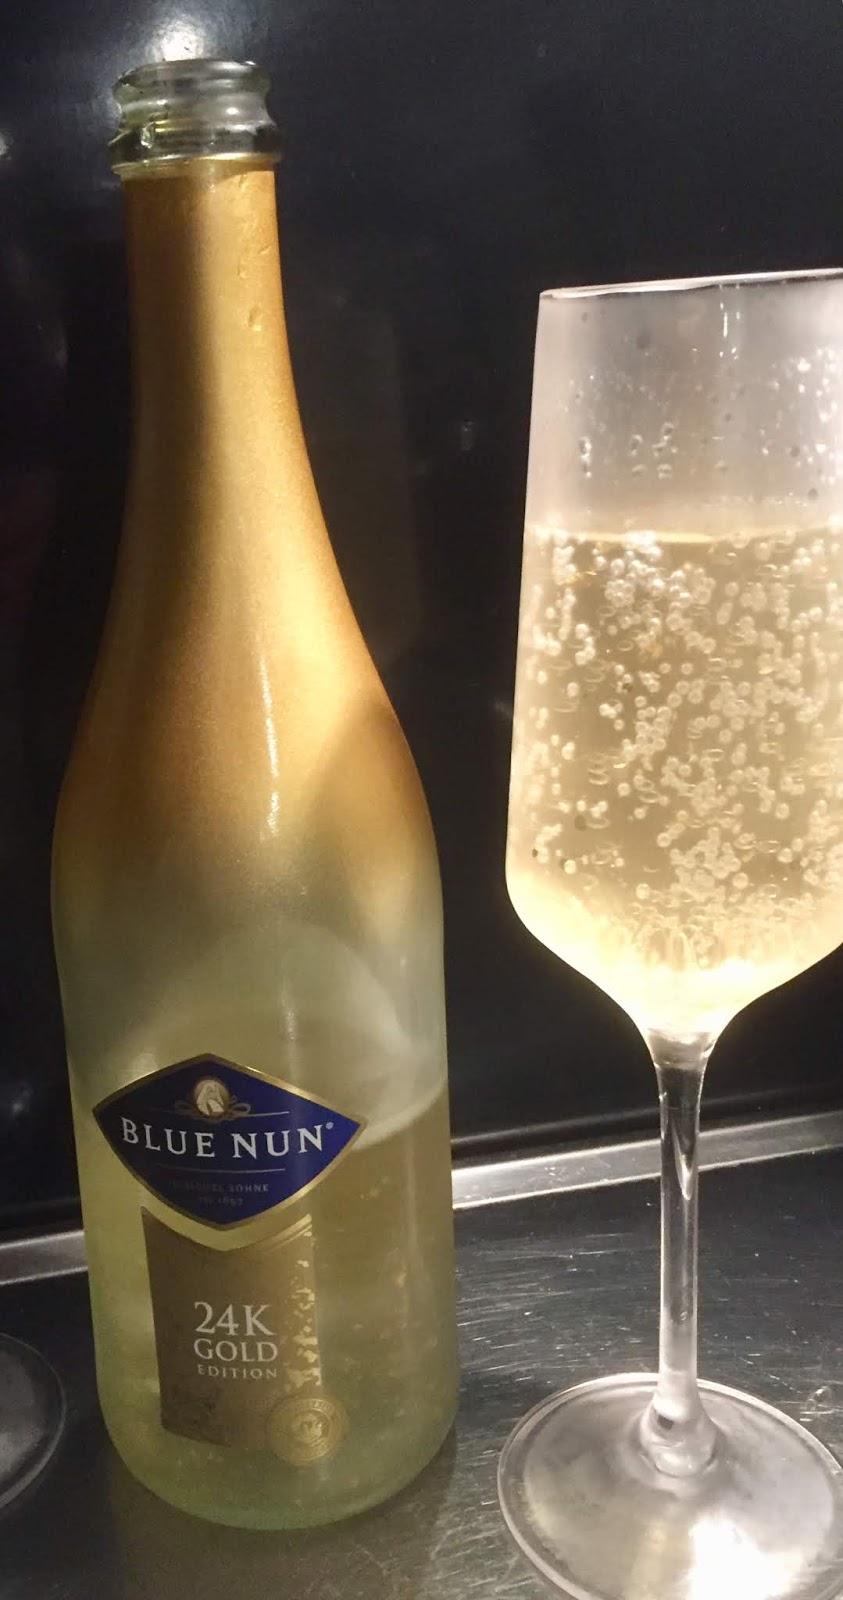 Njut av champagne tappa kilon pa kopet